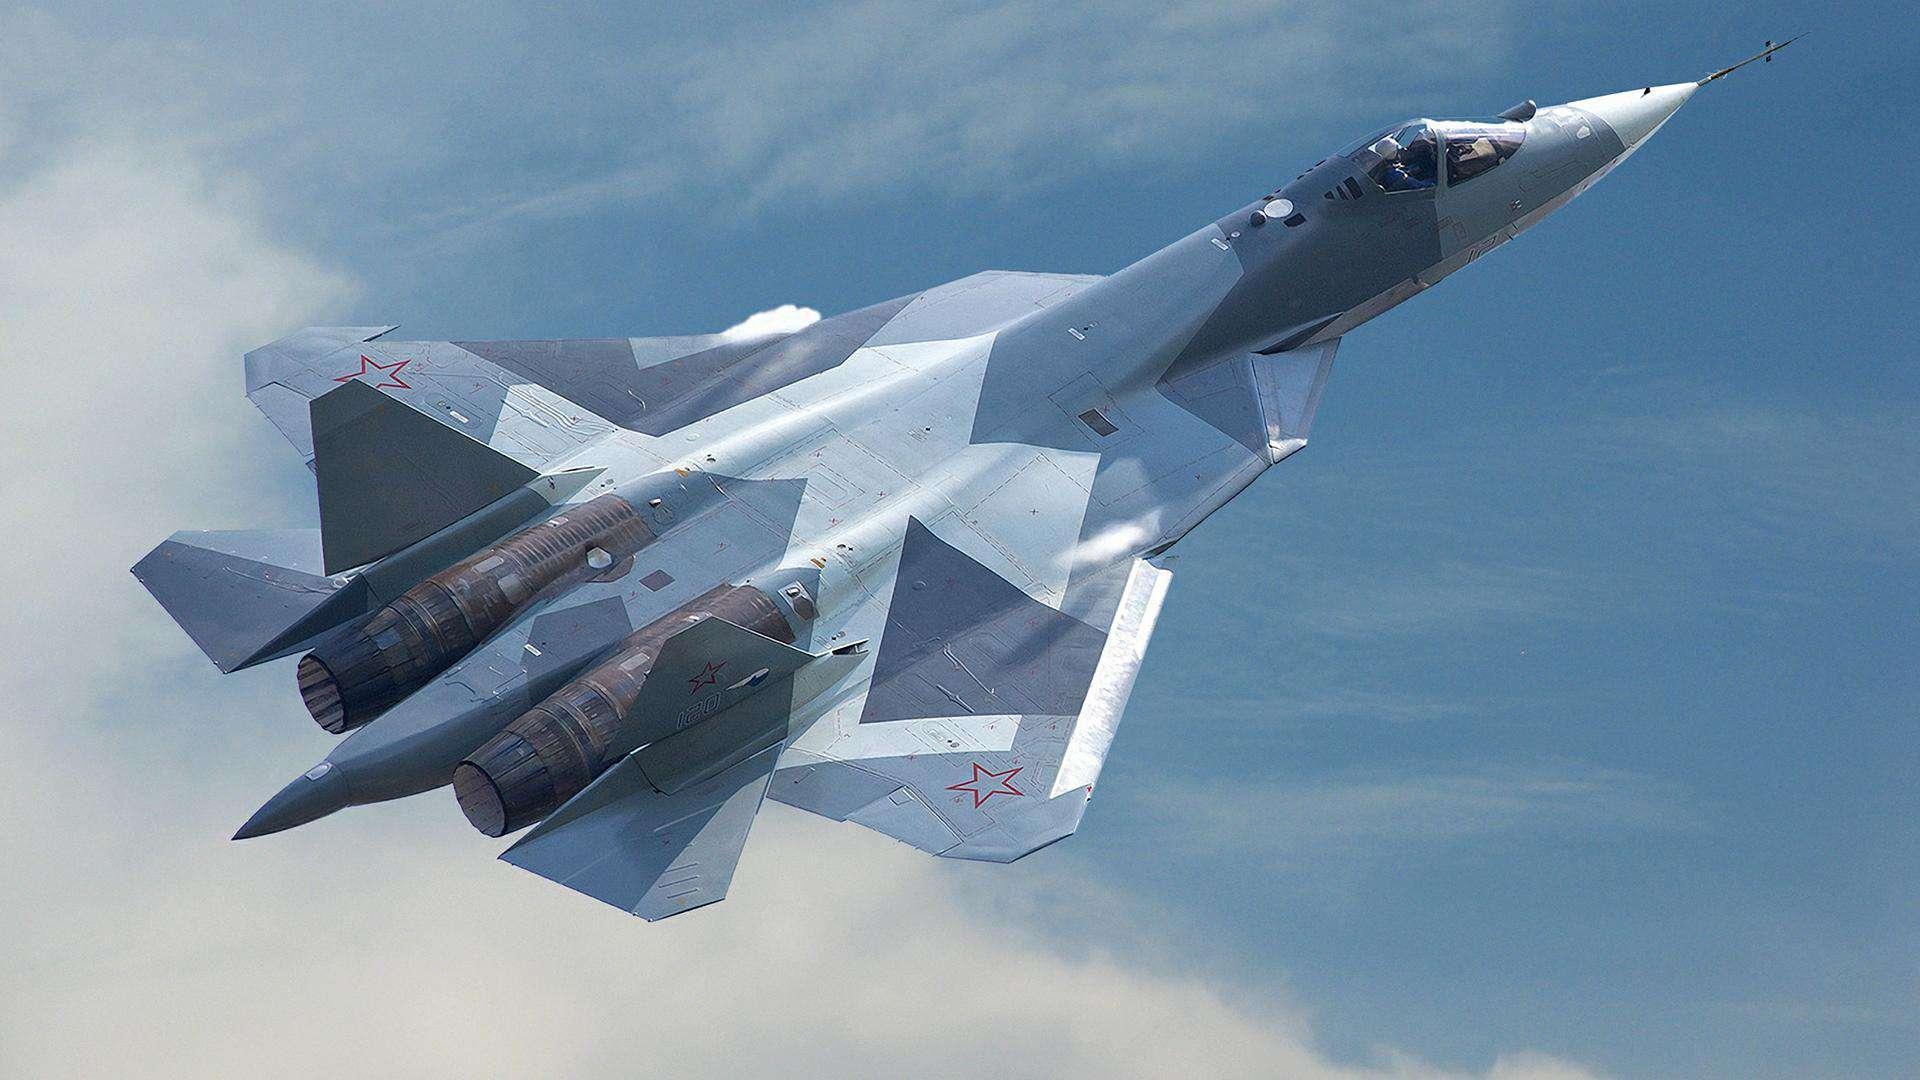 Багатоцільовий літак Су-57 (ПАК-ФА)